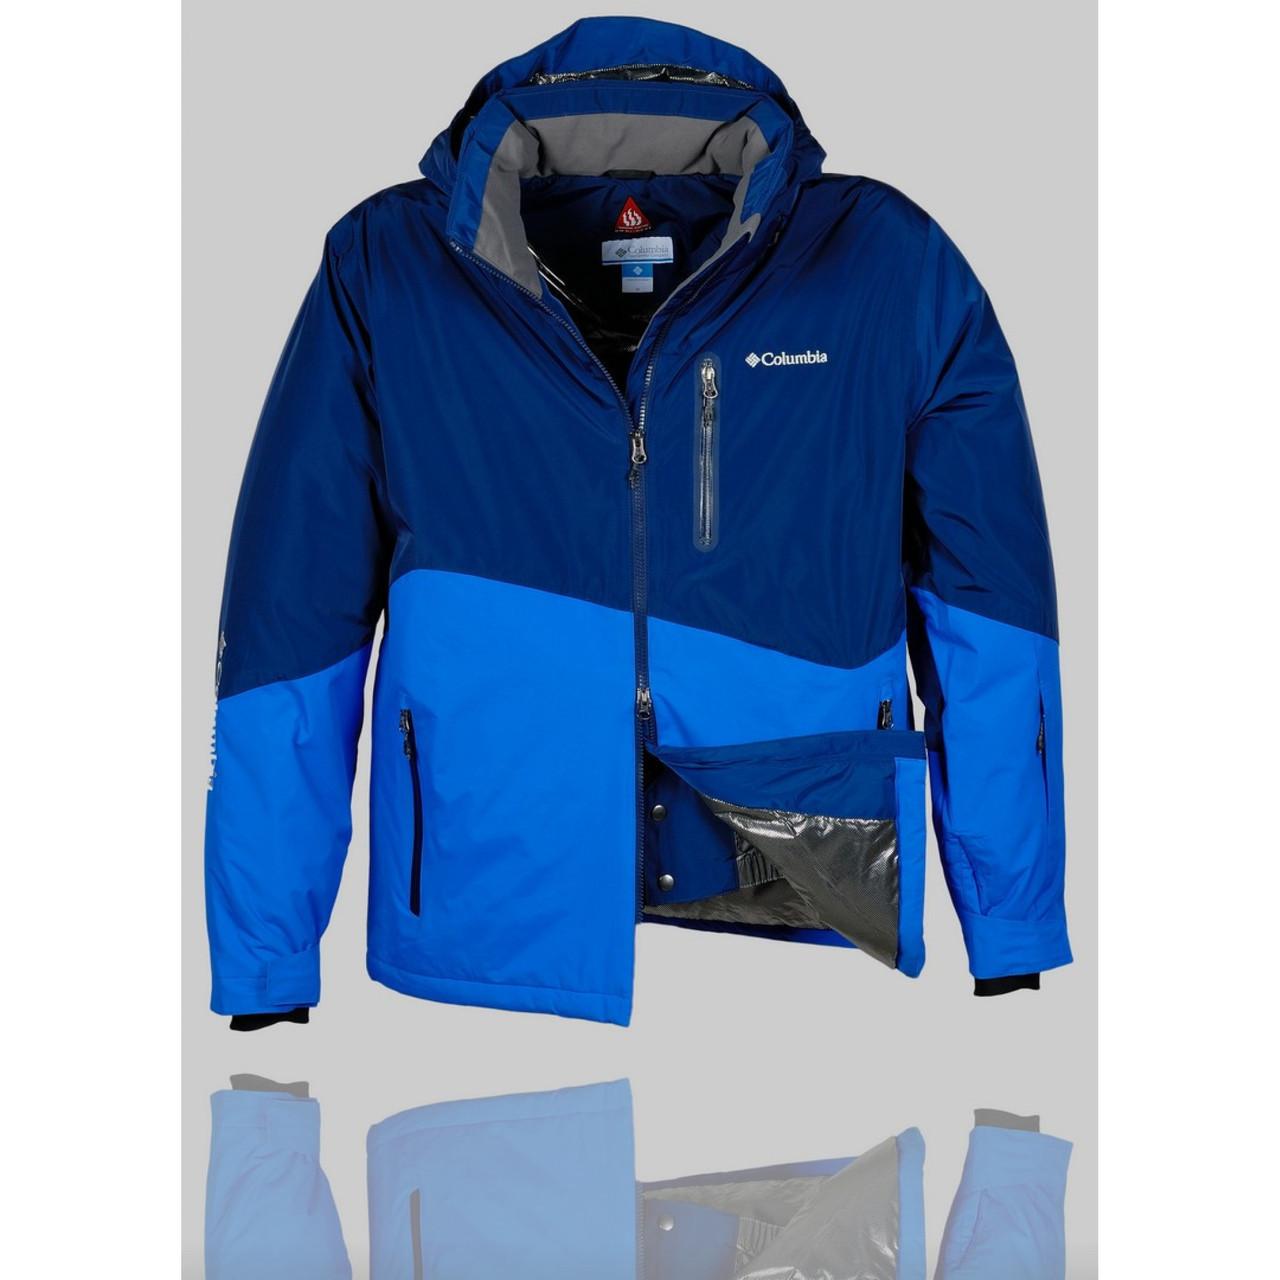 638078fdfde8 Купить Мужская зимняя куртка Columbia в Днепре от компании